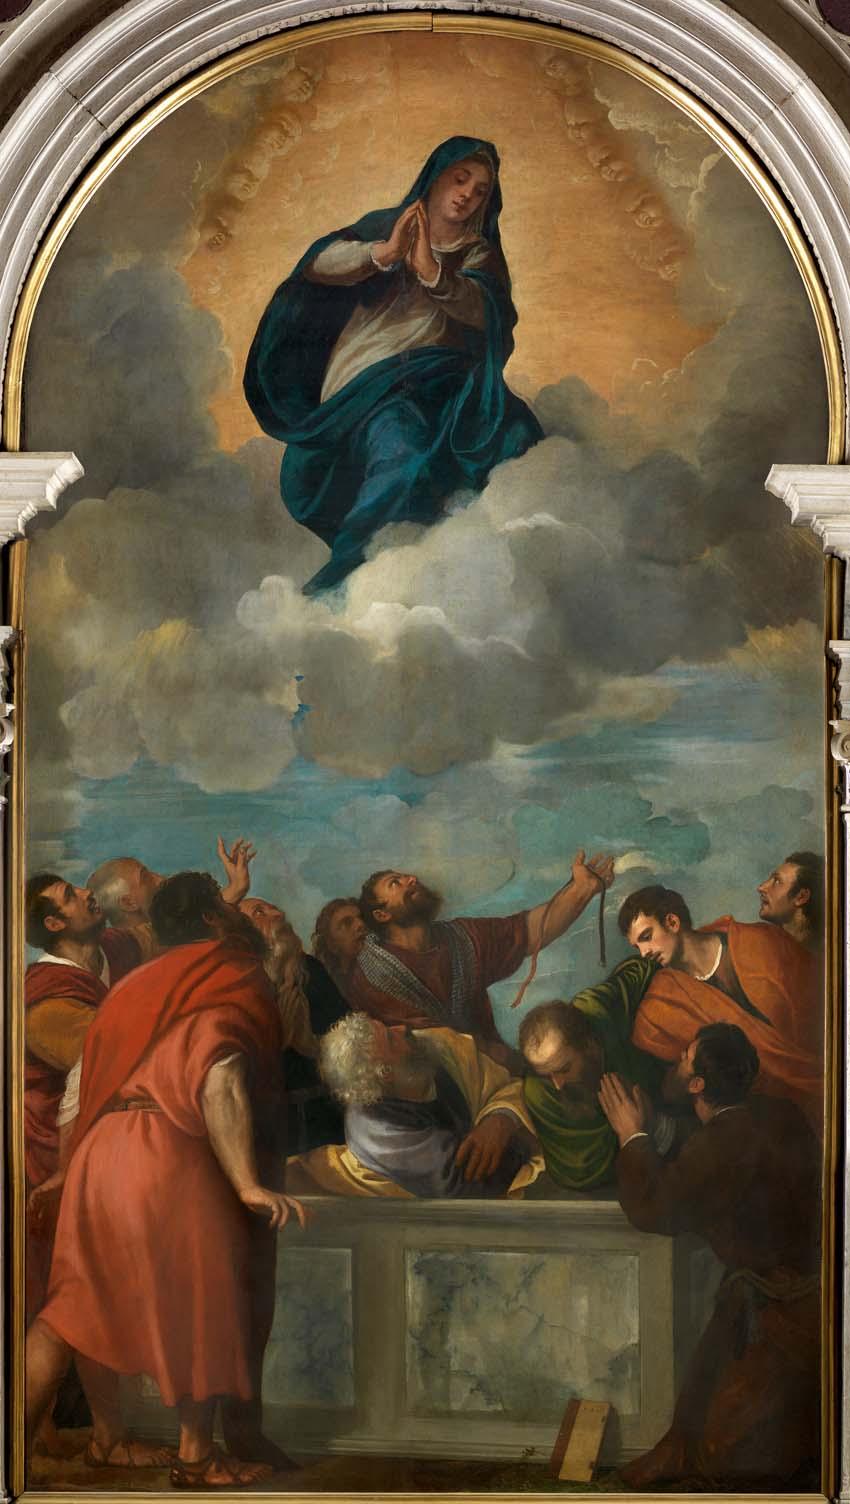 Asunción de la Virgen, de Tiziano, 1530-32,óleo sobre lienzo, 394 x 222 cm, Verona, Catedral de Santa Maria Assunta.